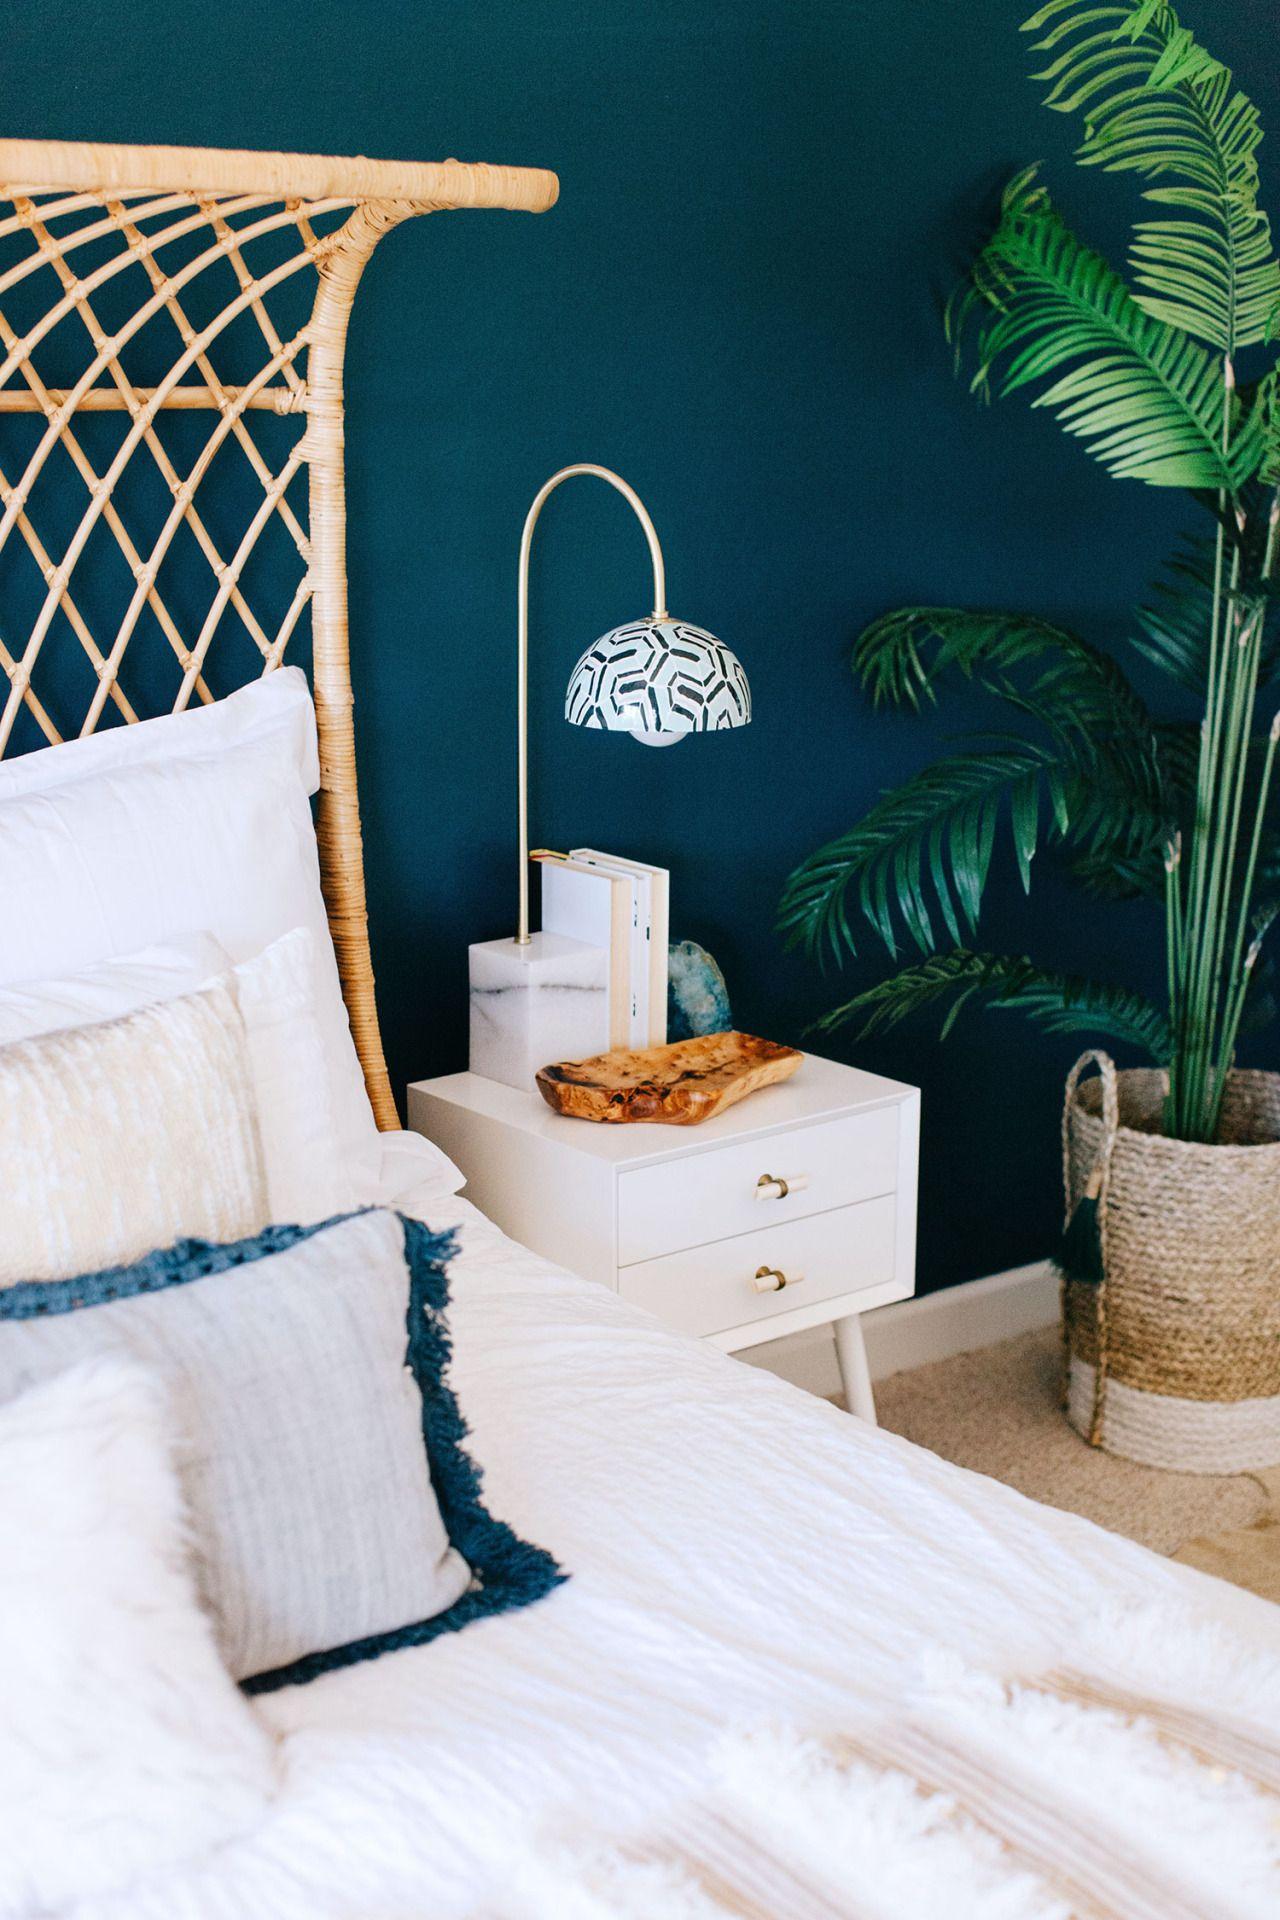 Ambiance moderne et nature dans cette chambre aux murs for Peinture chambre bleu canard